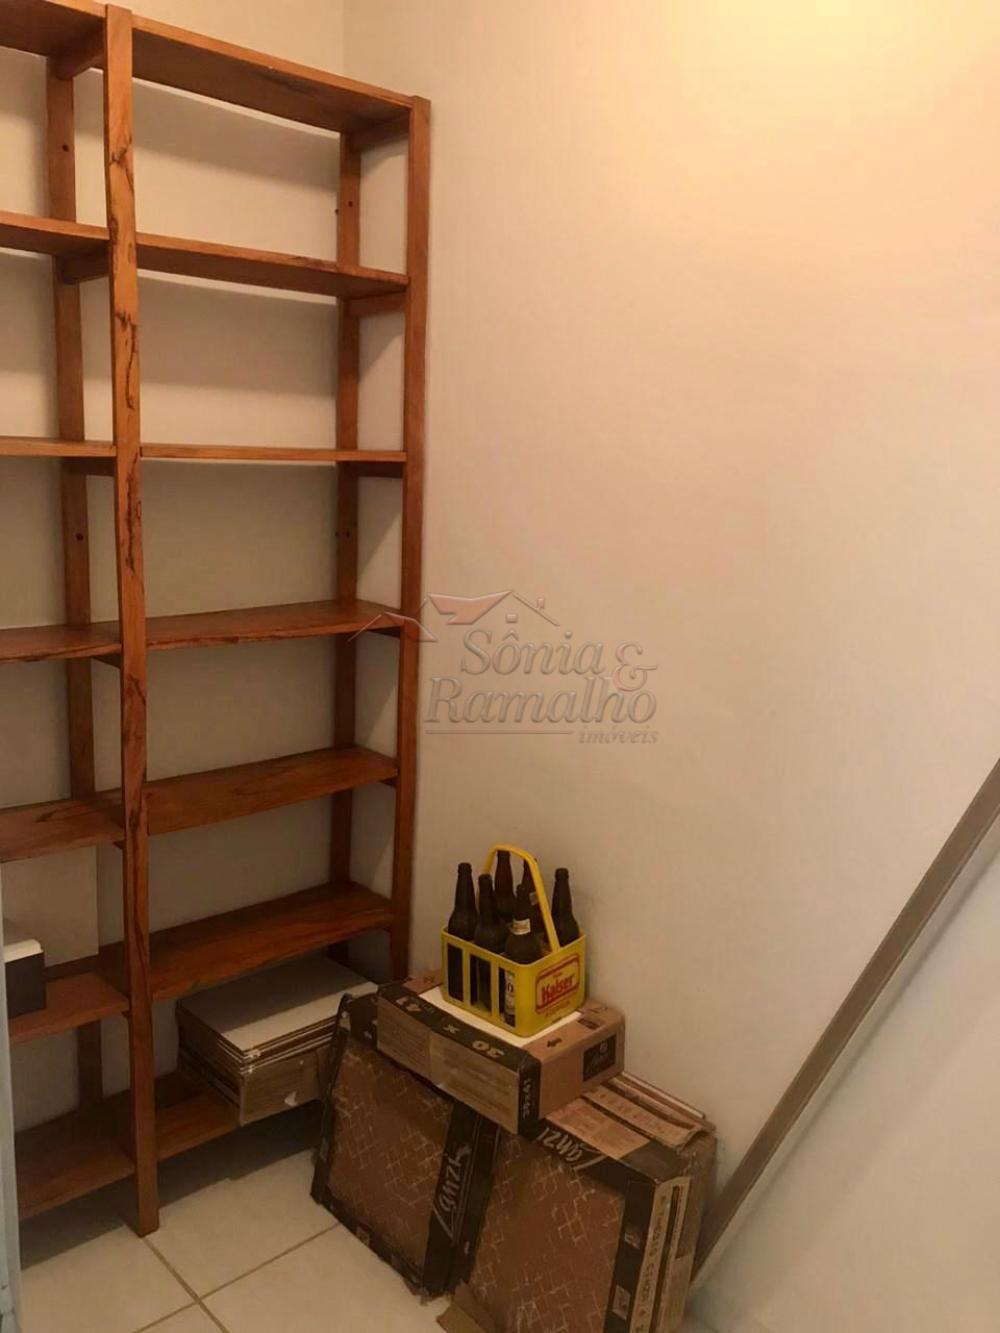 Comprar Apartamentos / Padrão em Ribeirão Preto apenas R$ 225.000,00 - Foto 8